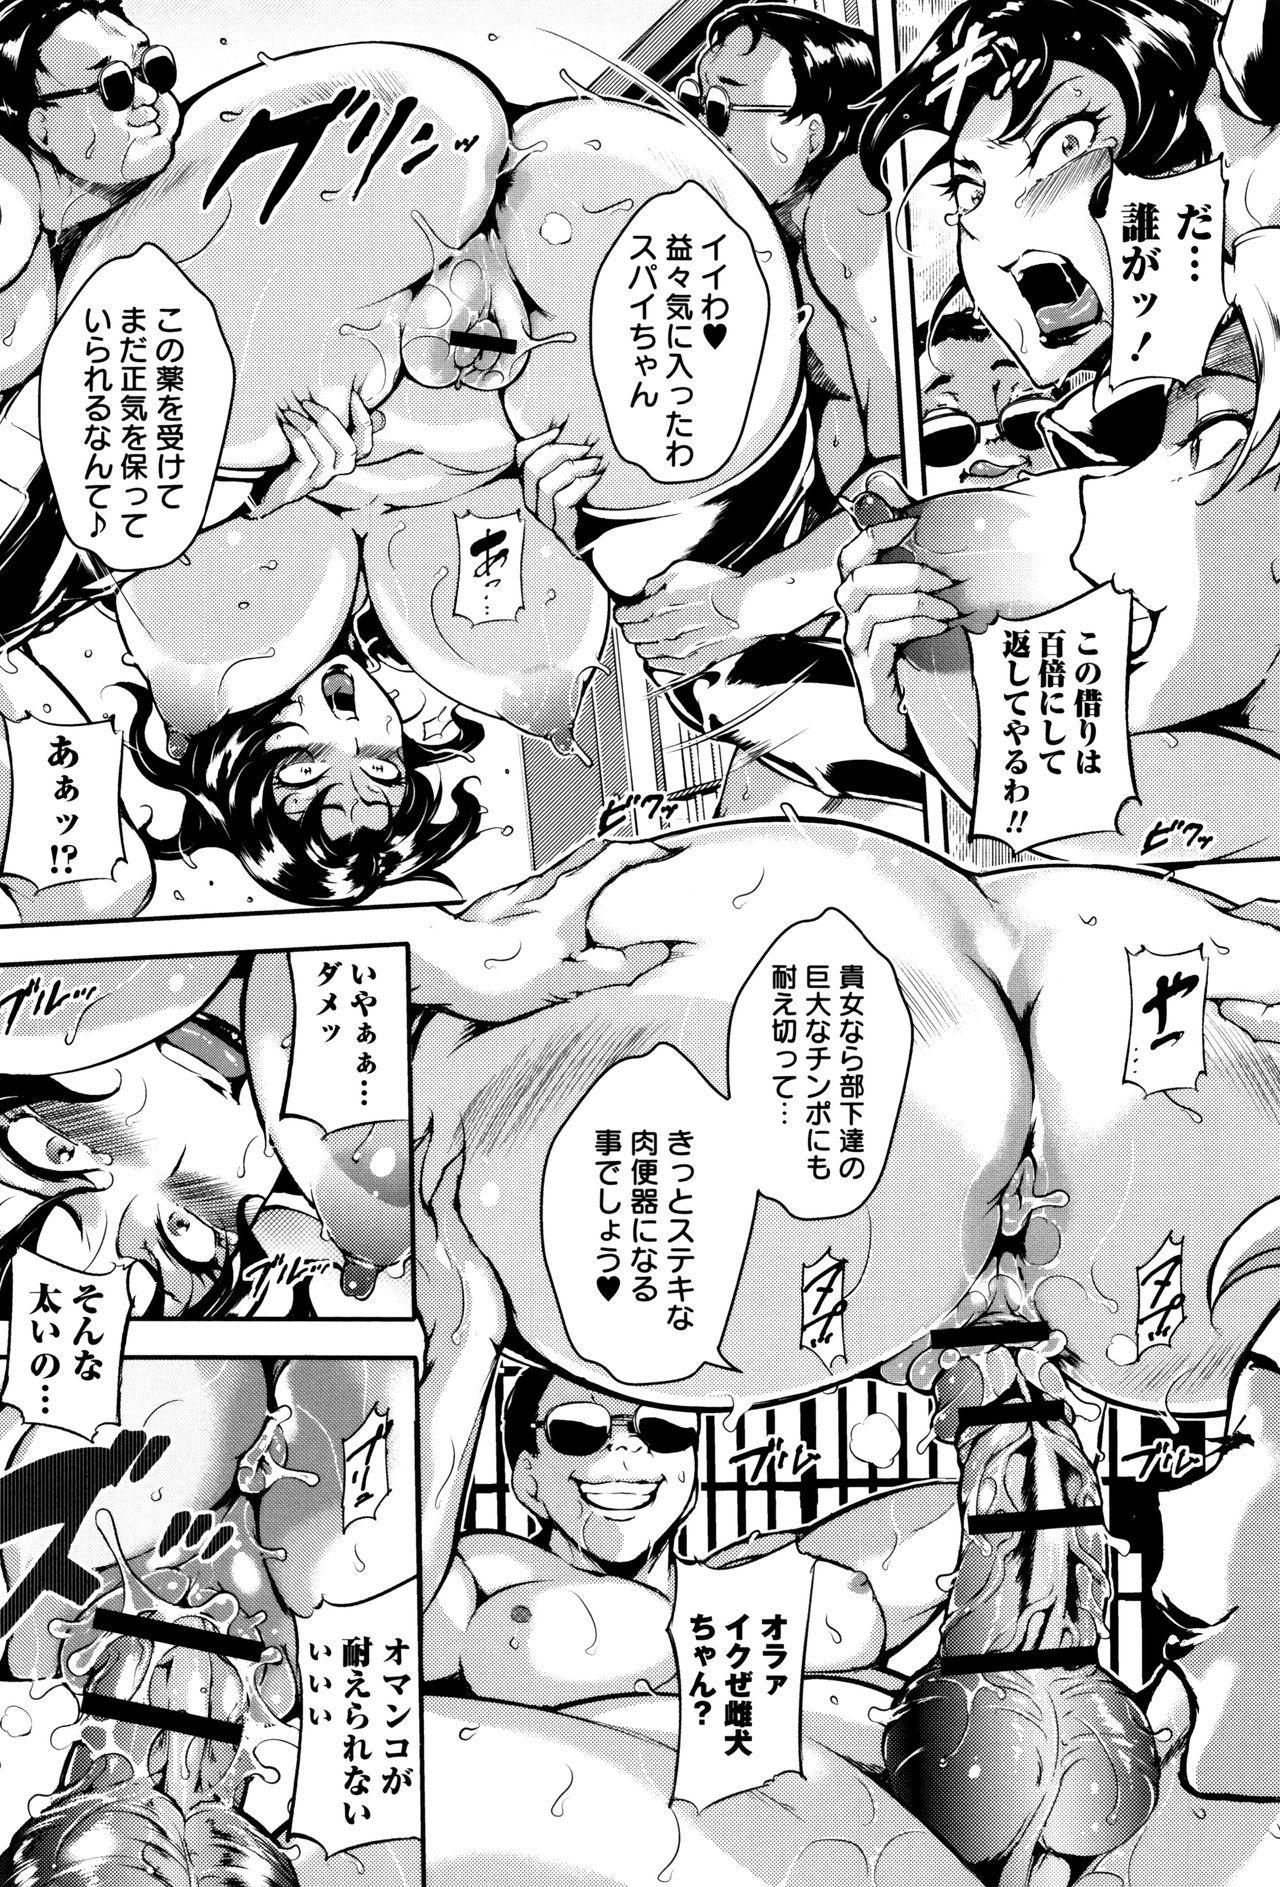 Ero BBA ♥ Dosukebe Ha Sengen 23